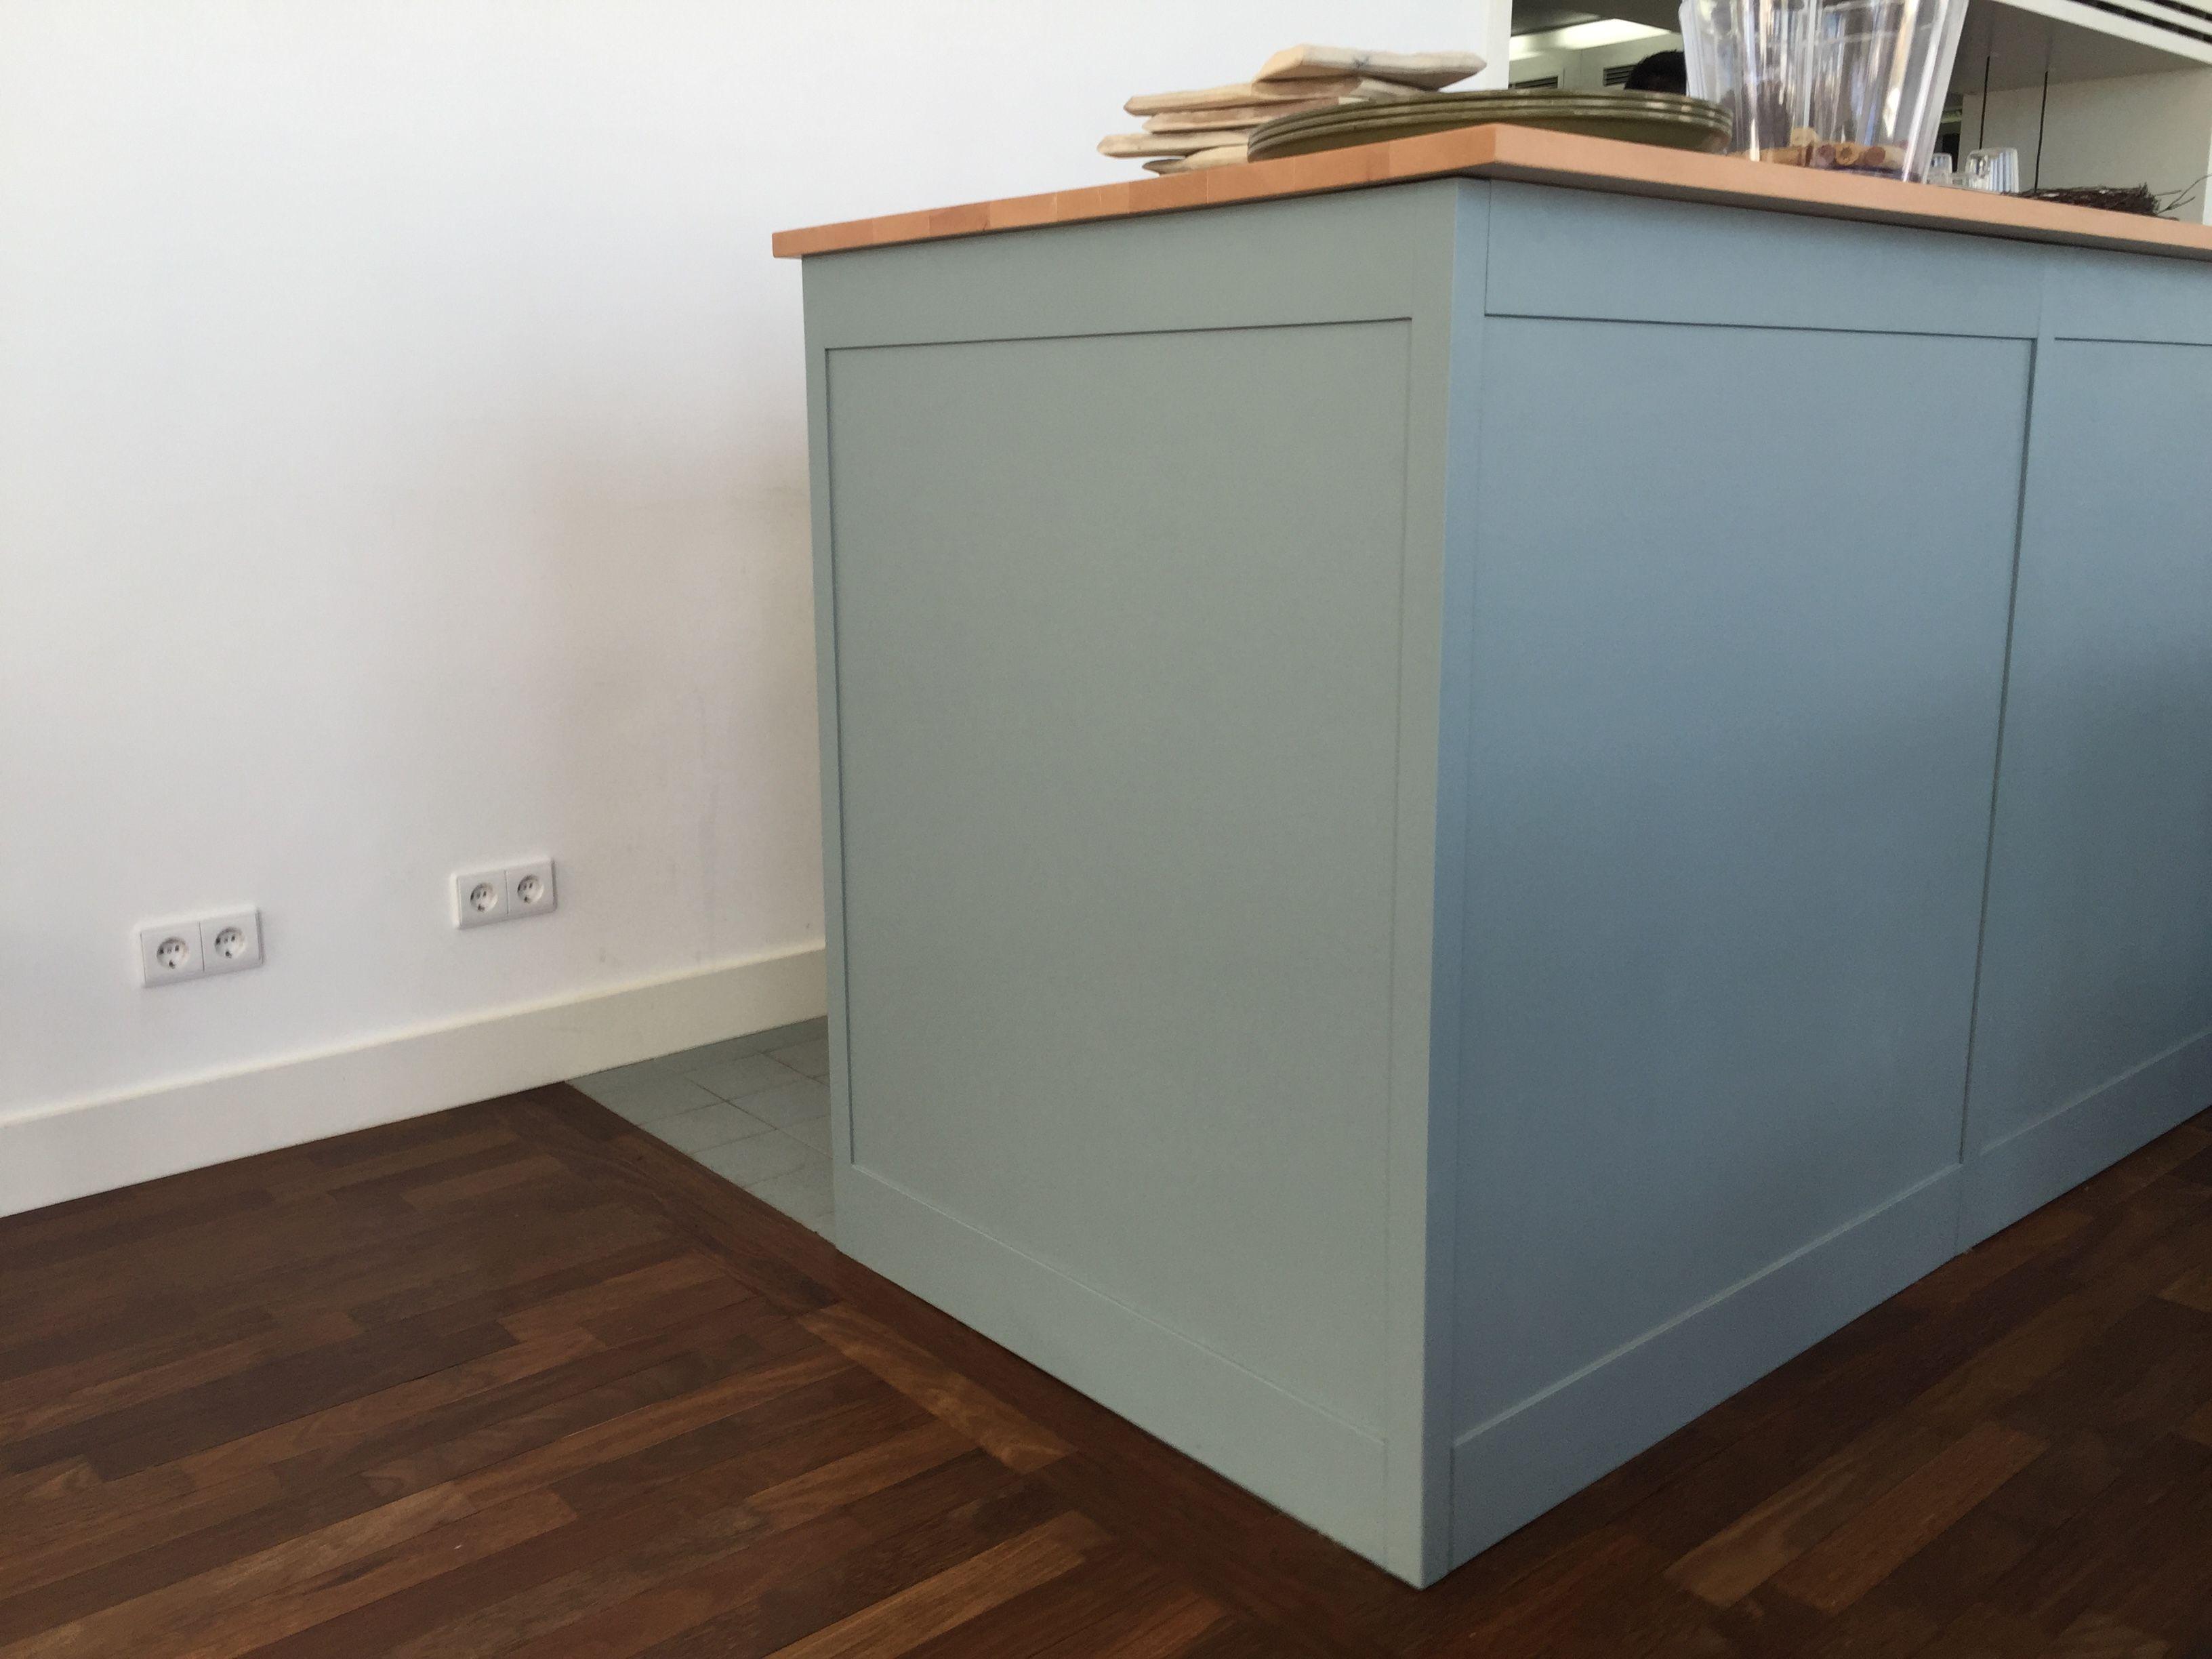 Hezka sedo-modra barva kuchyne => mozna by bylo hezke jako doplnek